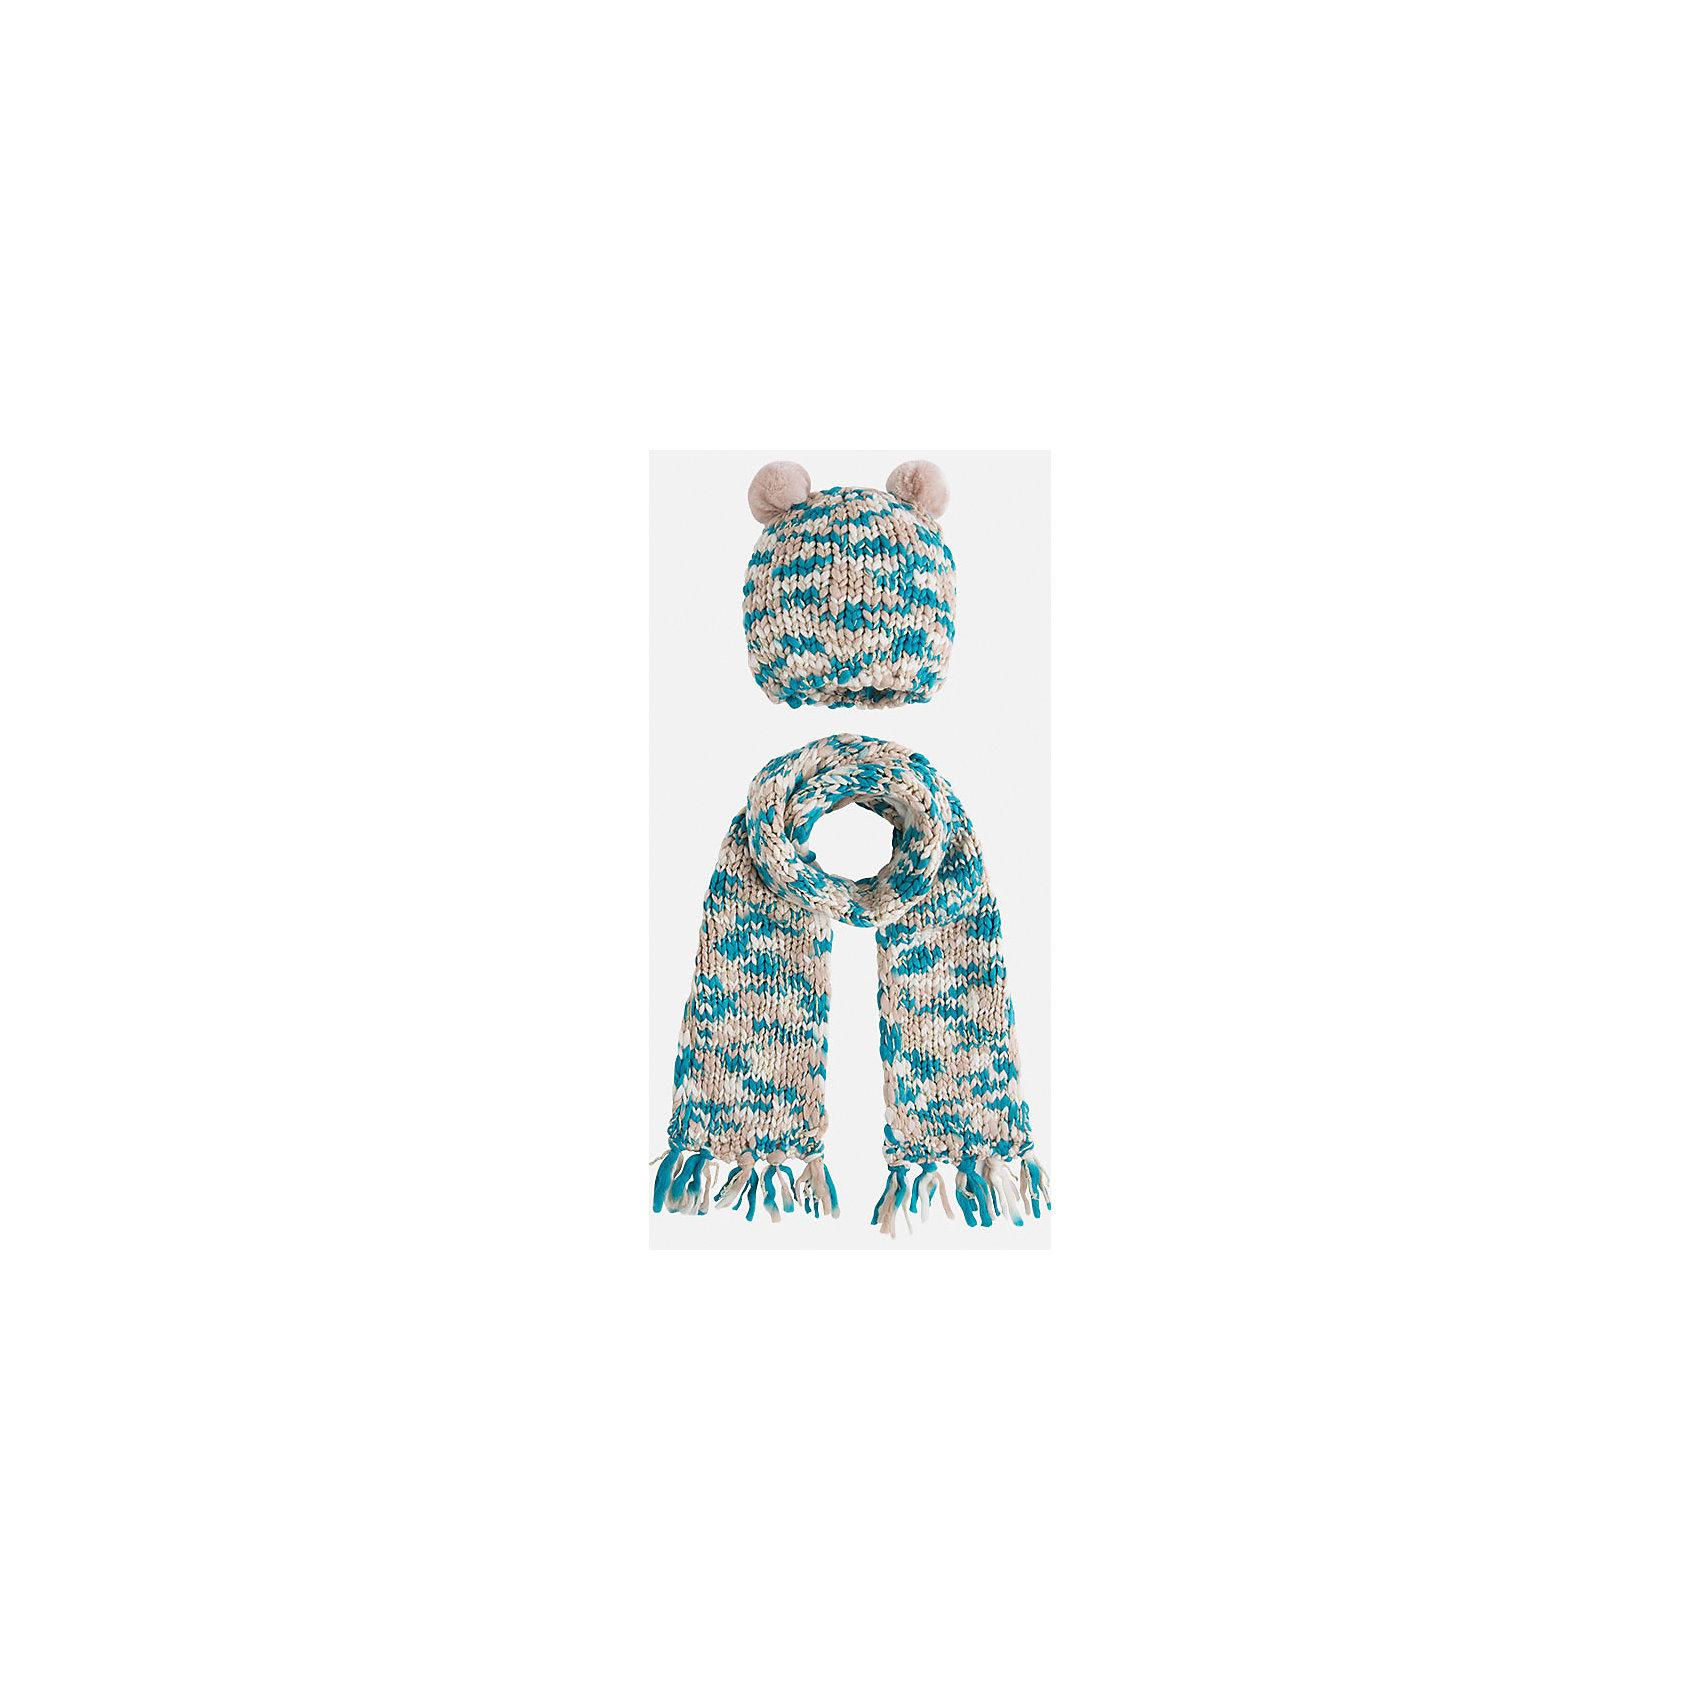 Комплект:шапка и шарф для девочки MayoralКомплект: шапка и шарф для девочки Mayoral от известного испанского бренда Mayoral. Вязаный комплект выполнен из акриловой пряжи с добавлением люрексовой нити золотистого цвета. Комплект состоит из шапки и шарфа, связанных крупной вязкой. Шапка имеет классическую форму, сверху по бокам имеются небольшие помпоны из бежевой пряжи, по краям шарфа – кисти, выполненные из пряжи. <br><br>Дополнительная информация:<br><br>- Предназначение: повседневная одежда<br>- Комплектация: шапка, шарф<br>- Цвет: бежевый, белый, бирюзовый<br>- Пол: для девочки<br>- Состав: 90% акрил, 10% металлизированная нить<br>- Сезон: осень-зима-весна<br>- Особенности ухода: стирка при температуре 30 градусов, разрешается химическая чистка, глажение <br><br>Подробнее:<br><br>• Для детей в возрасте: от 2 лет и до 9 лет<br>• Страна производитель: Китай<br>• Торговый бренд: Mayoral<br><br>Комплект: шапка и шарф для девочки Mayoral (Майорал) можно купить в нашем интернет-магазине.<br><br>Ширина мм: 89<br>Глубина мм: 117<br>Высота мм: 44<br>Вес г: 155<br>Цвет: серый<br>Возраст от месяцев: 24<br>Возраст до месяцев: 48<br>Пол: Женский<br>Возраст: Детский<br>Размер: 48-50,52-54,54-56<br>SKU: 4847786